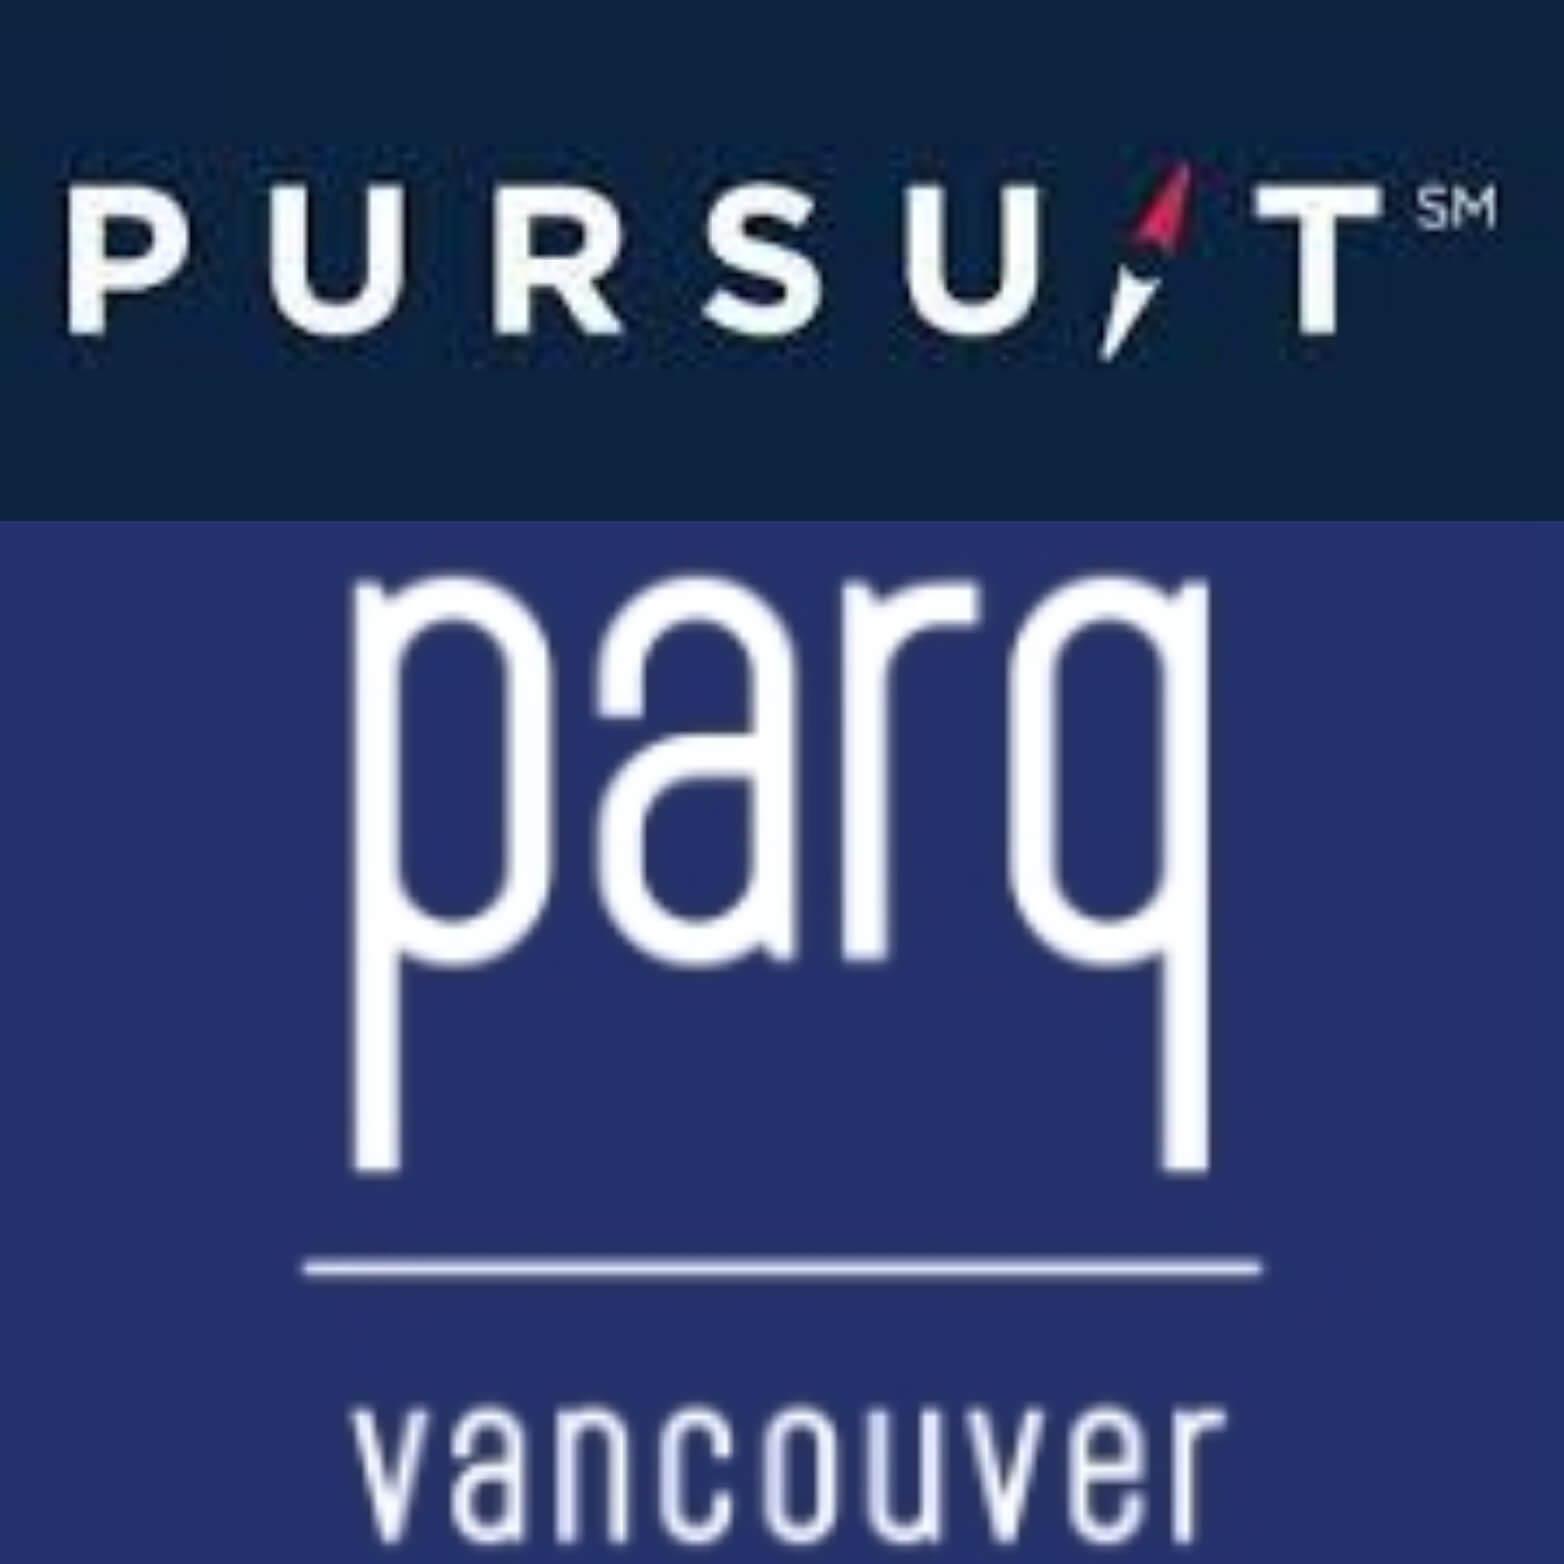 Parq Vancouver, Pursuit Collection